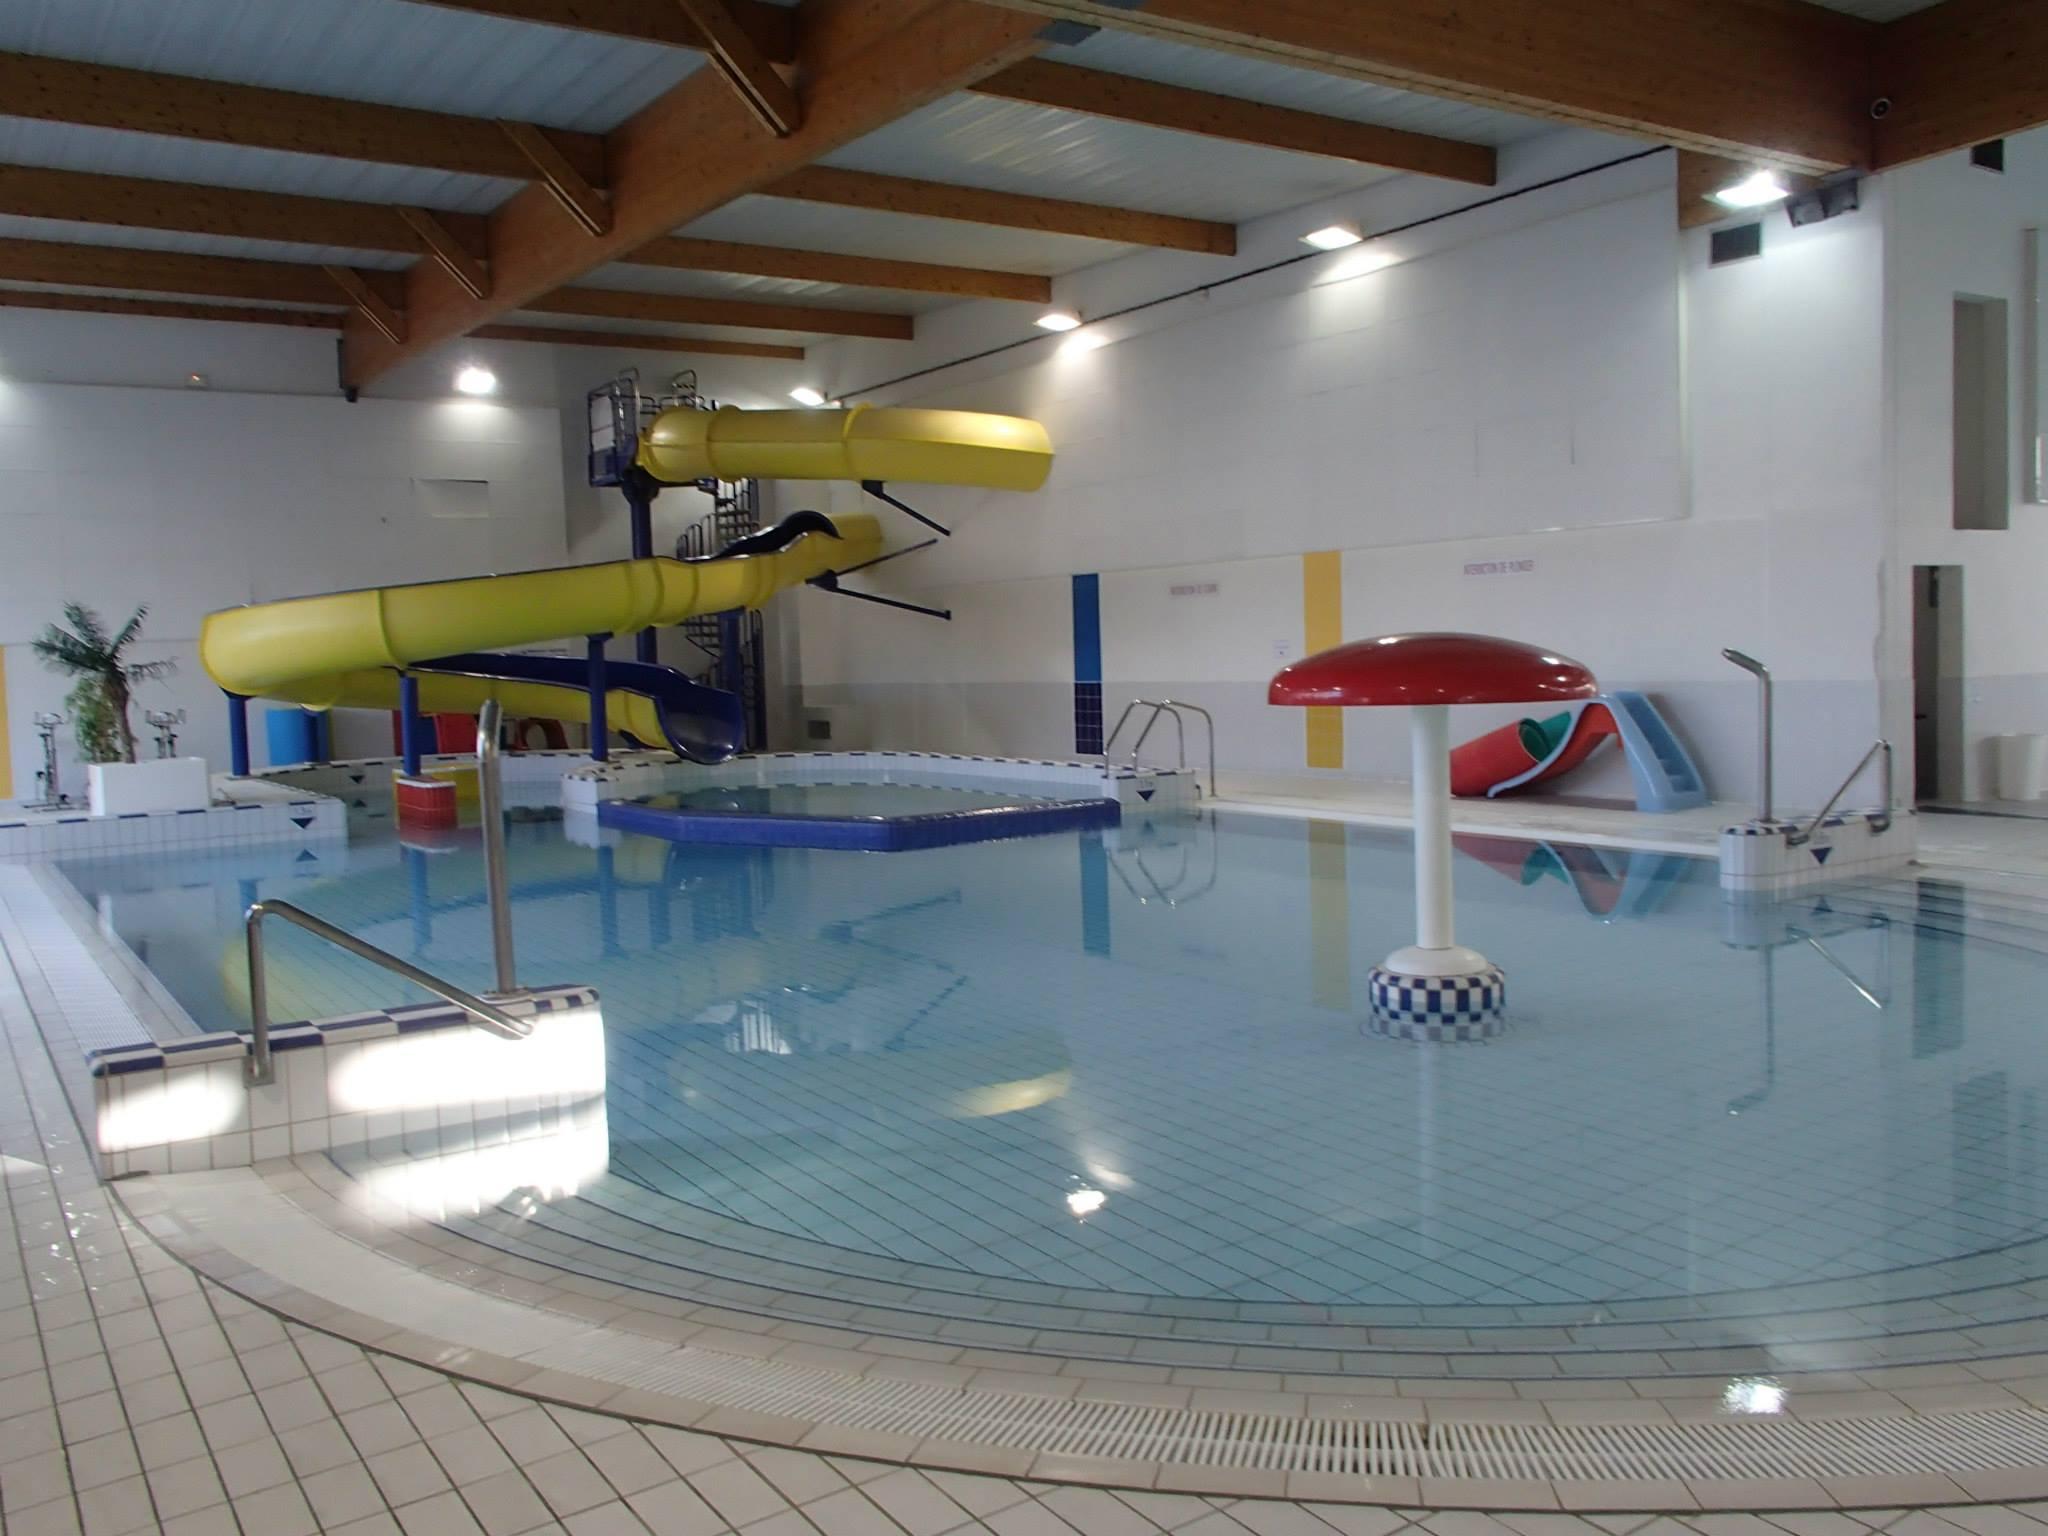 Centre Aquatique De Bois Colombes | Bois-Colombes - 30-42 ... intérieur Piscine De Bois Colombes